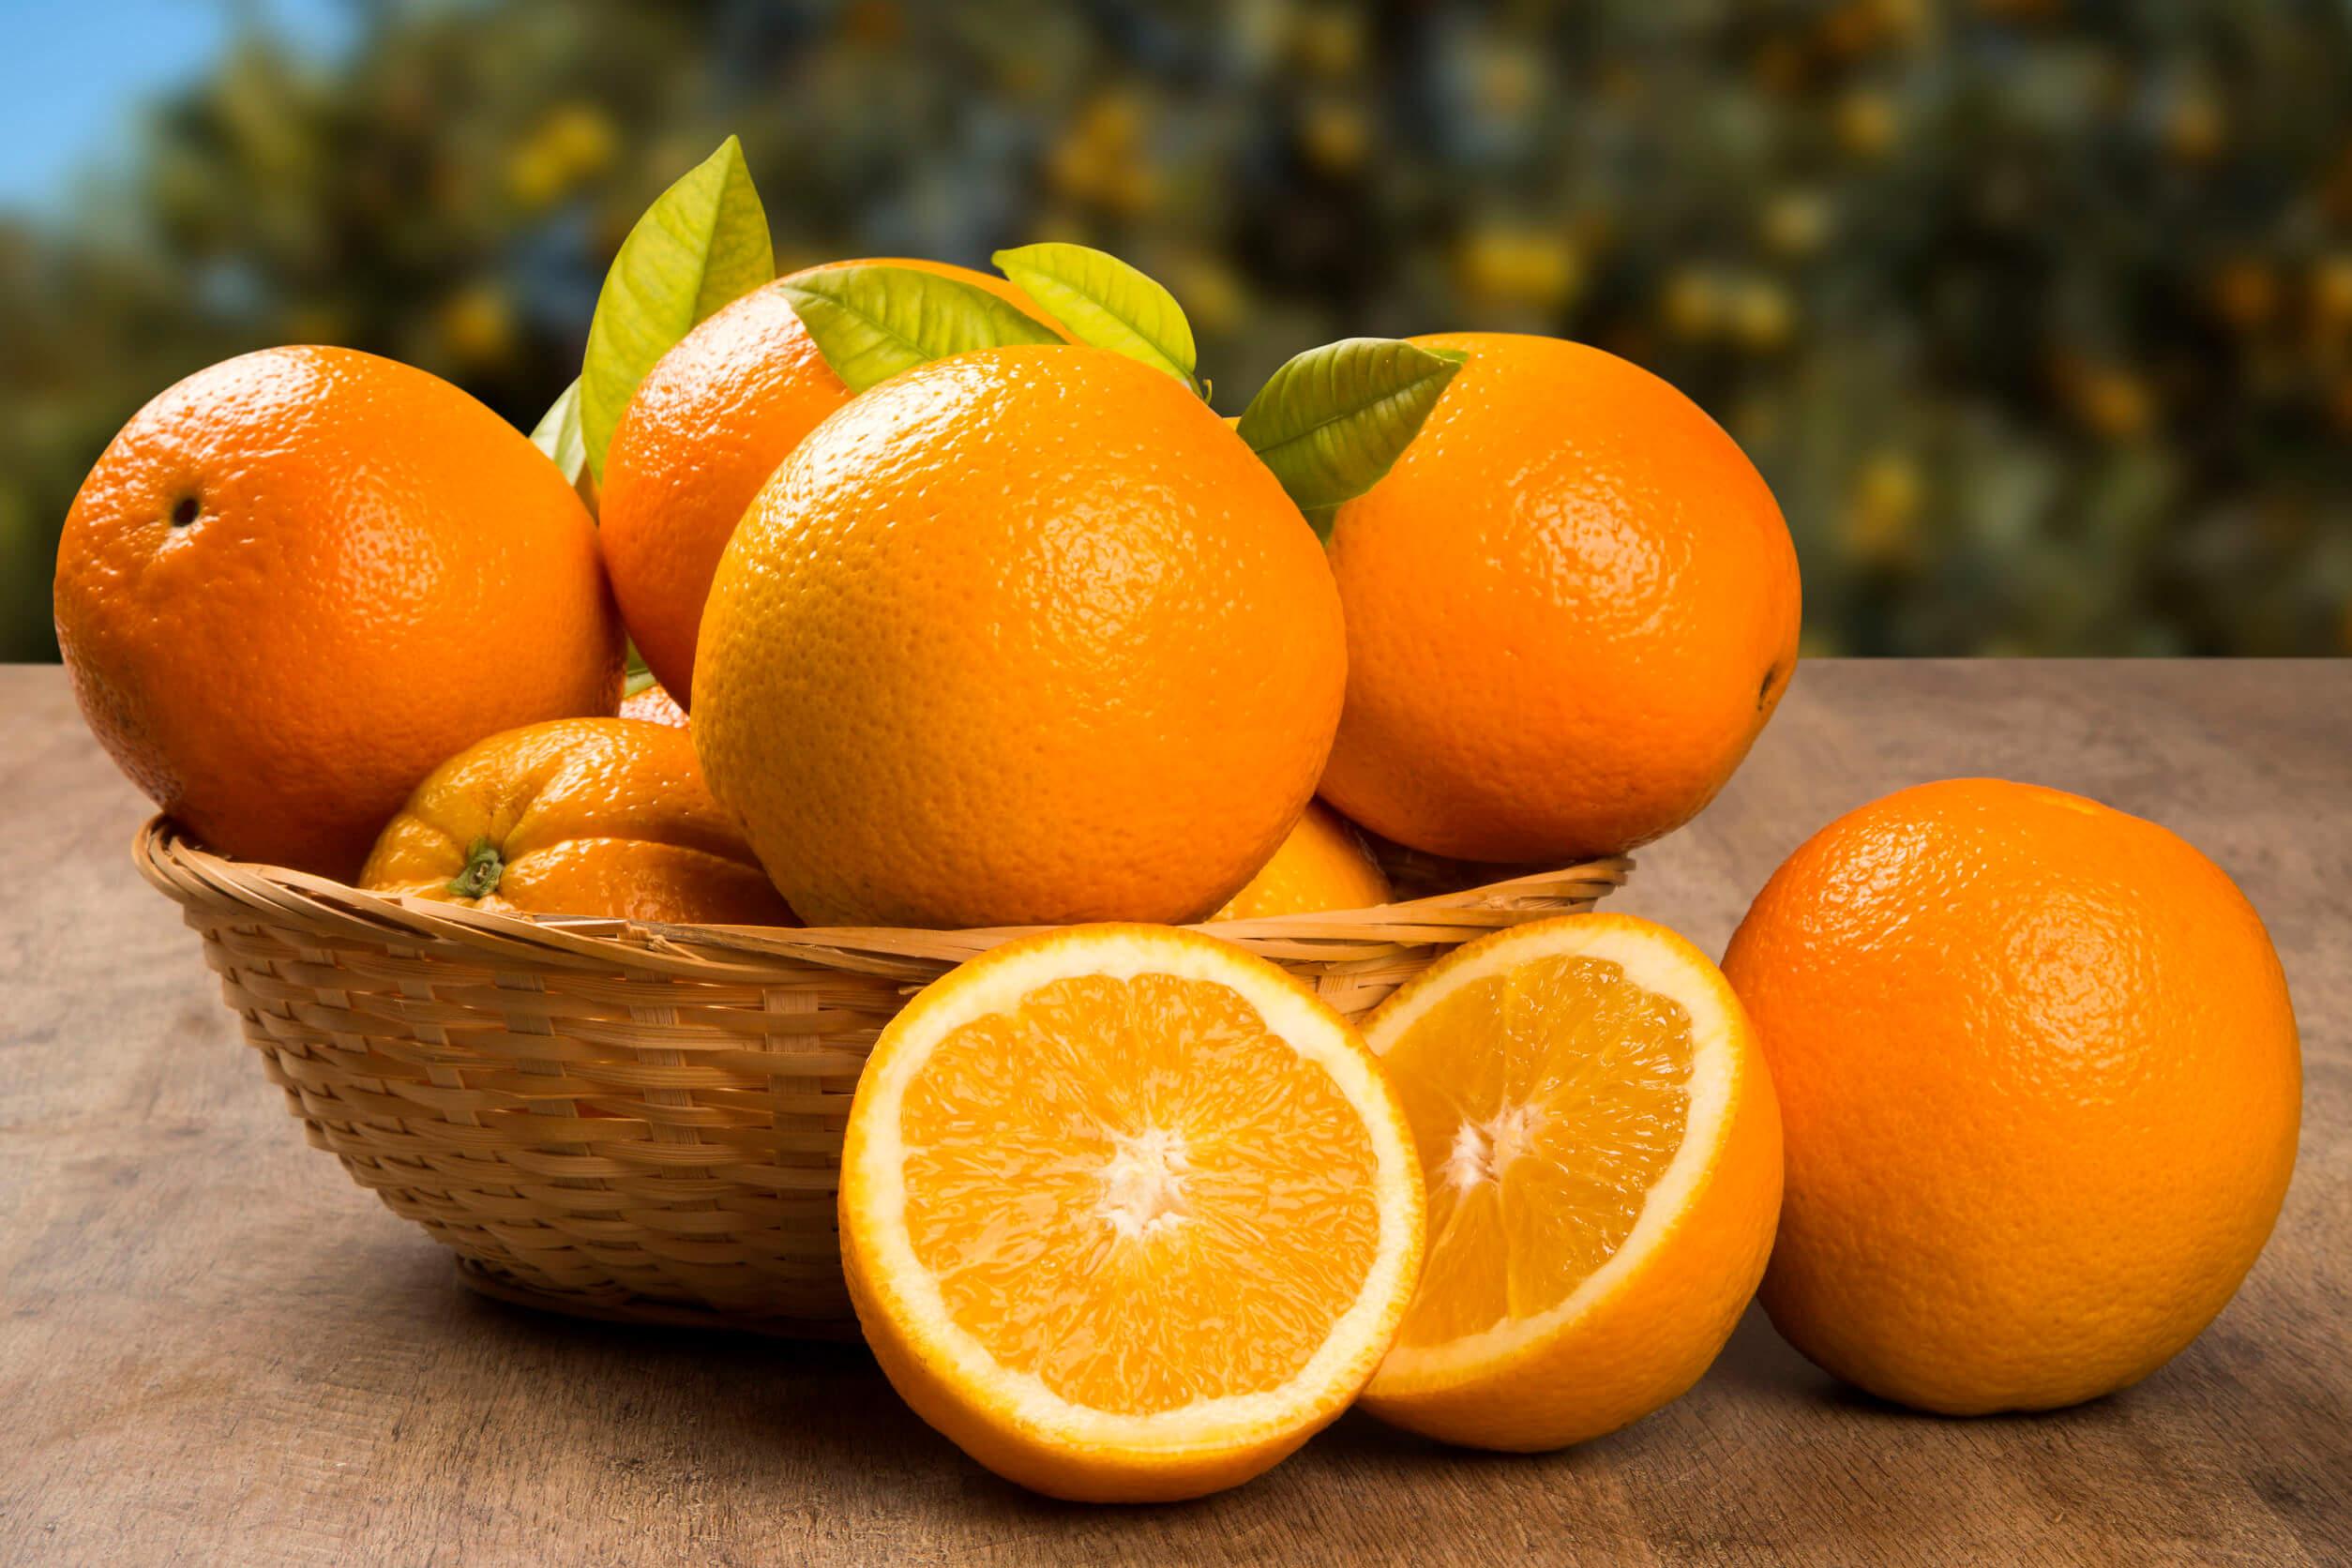 Perder peso es posible al comer fruta de forma inteligente.